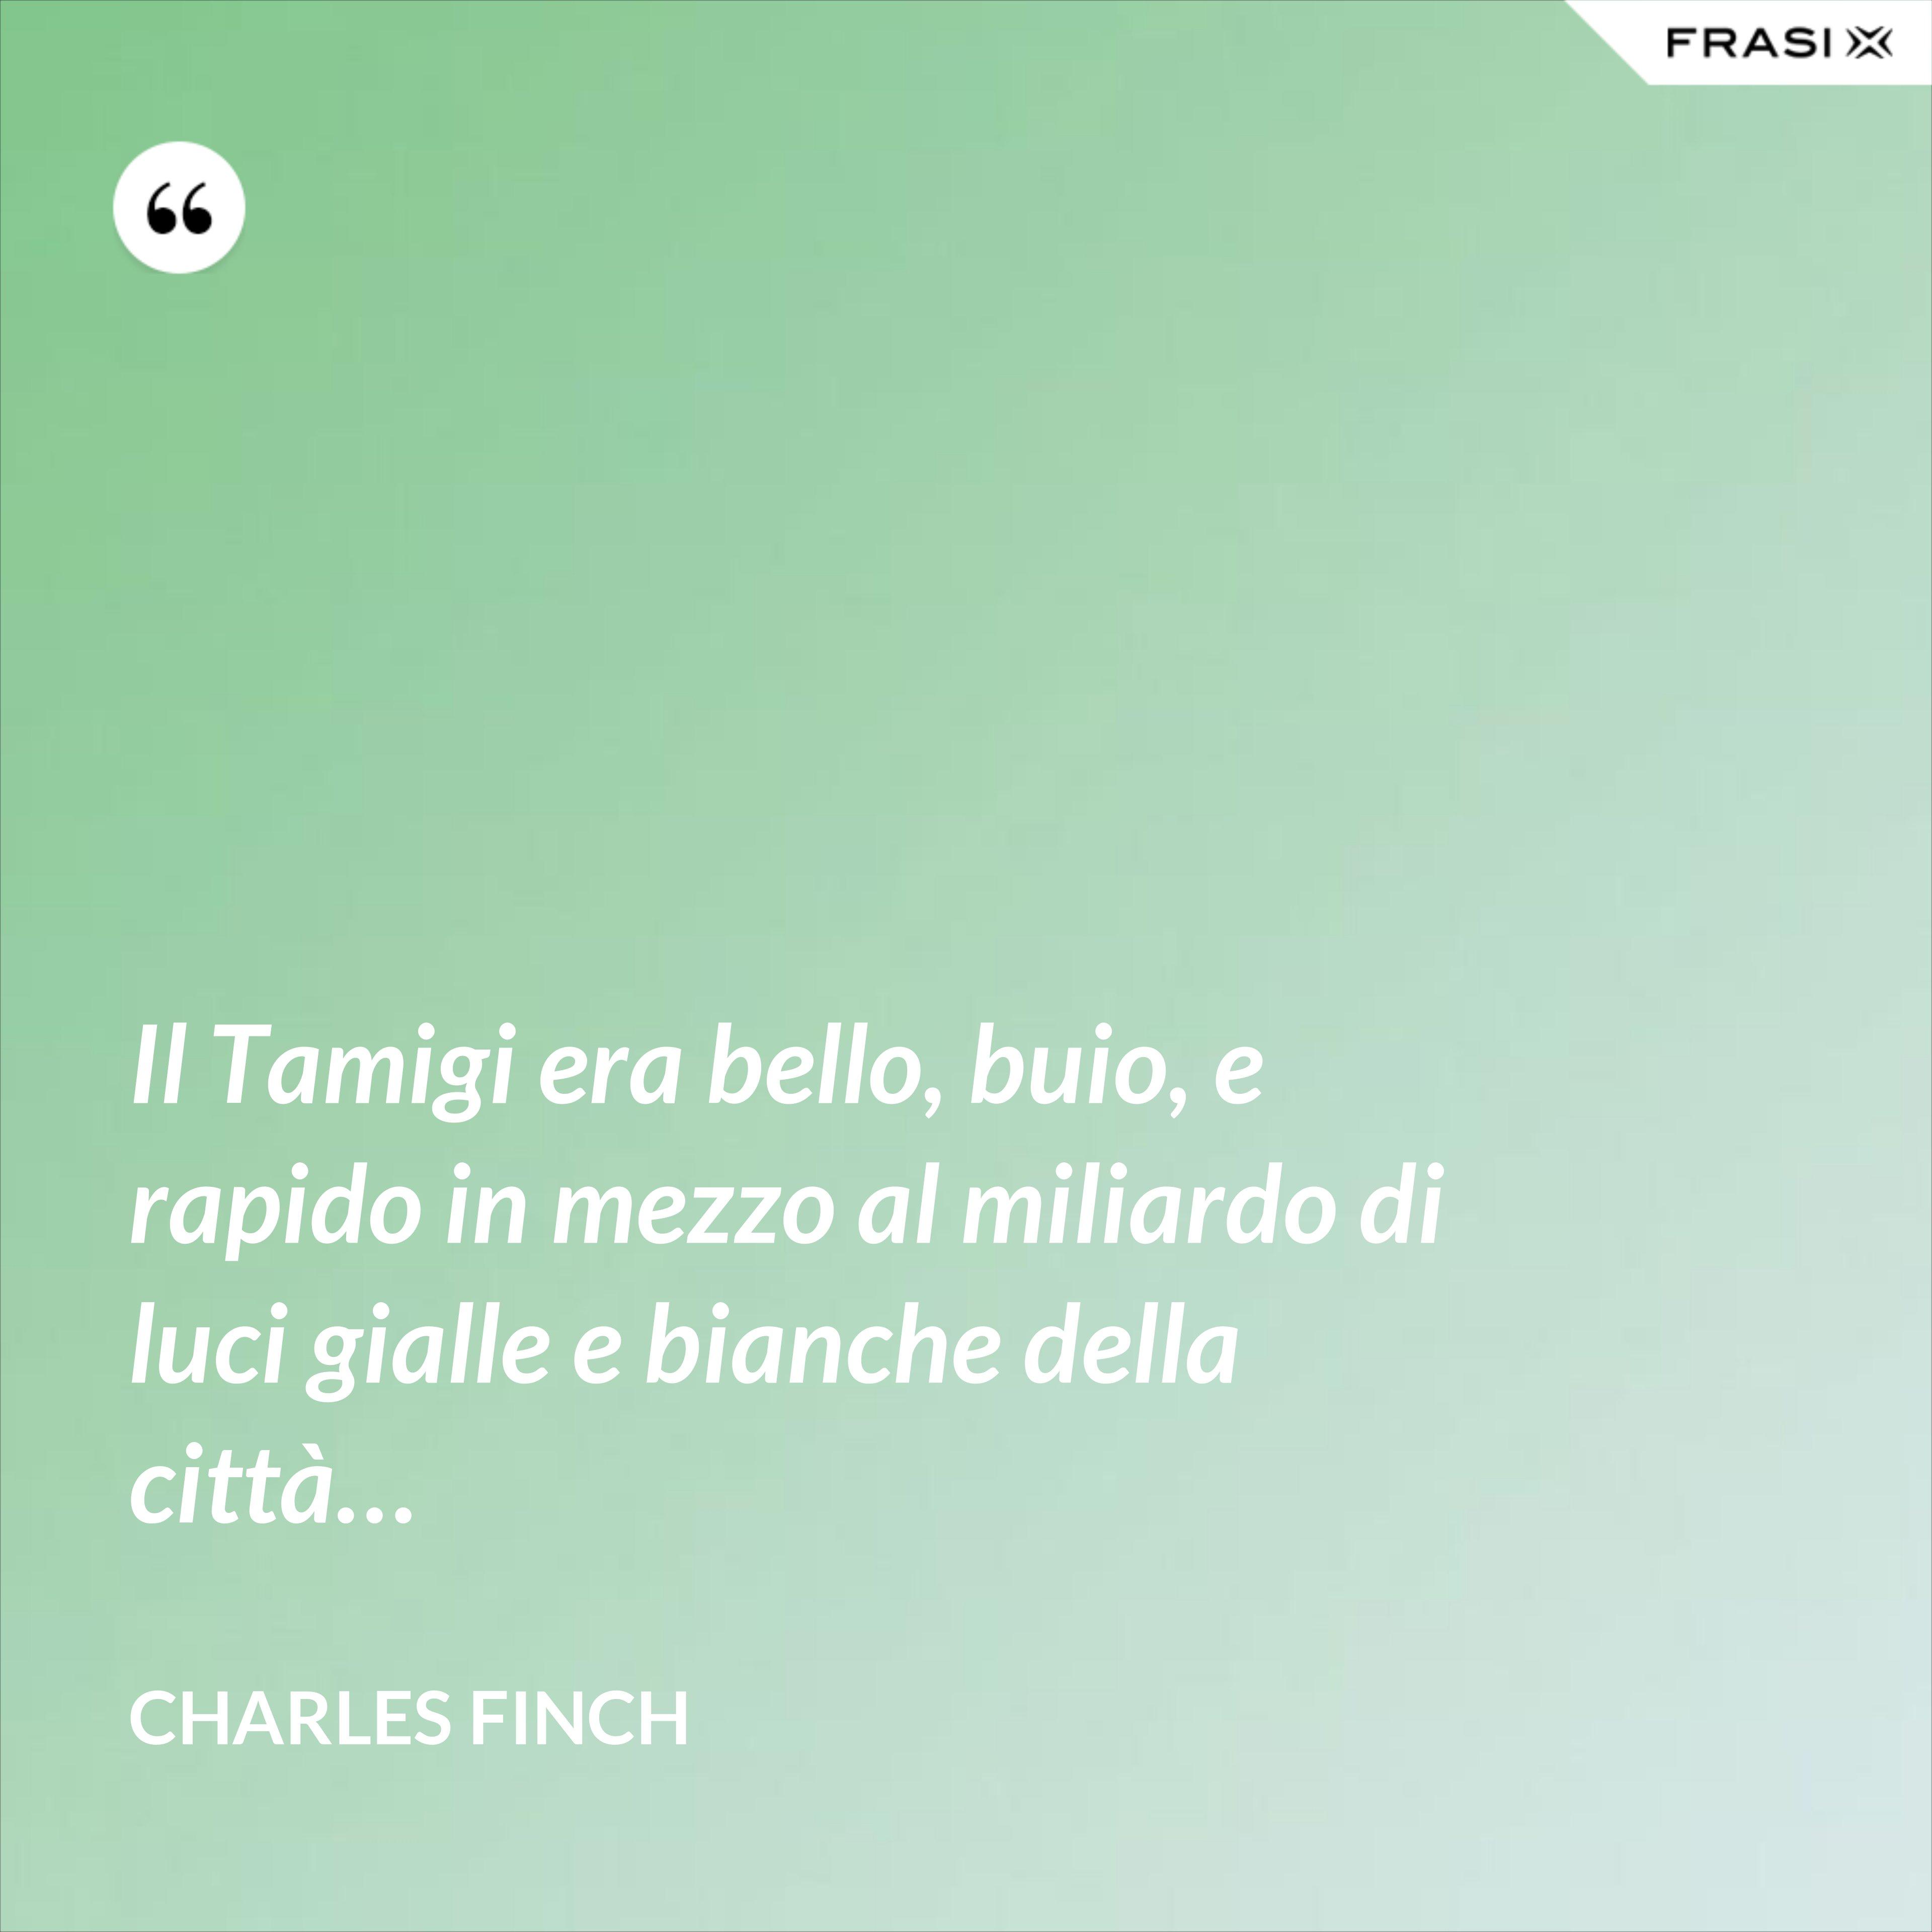 Il Tamigi era bello, buio, e rapido in mezzo al miliardo di luci gialle e bianche della città… - Charles Finch